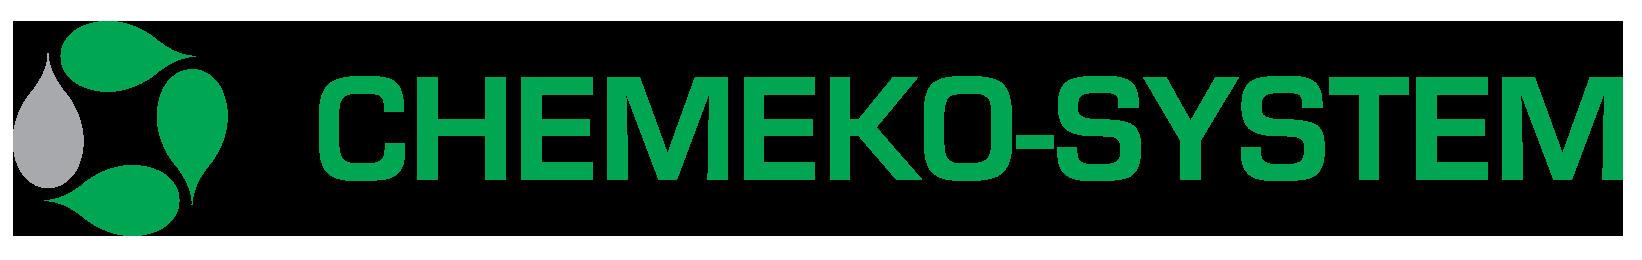 Chemeko-System